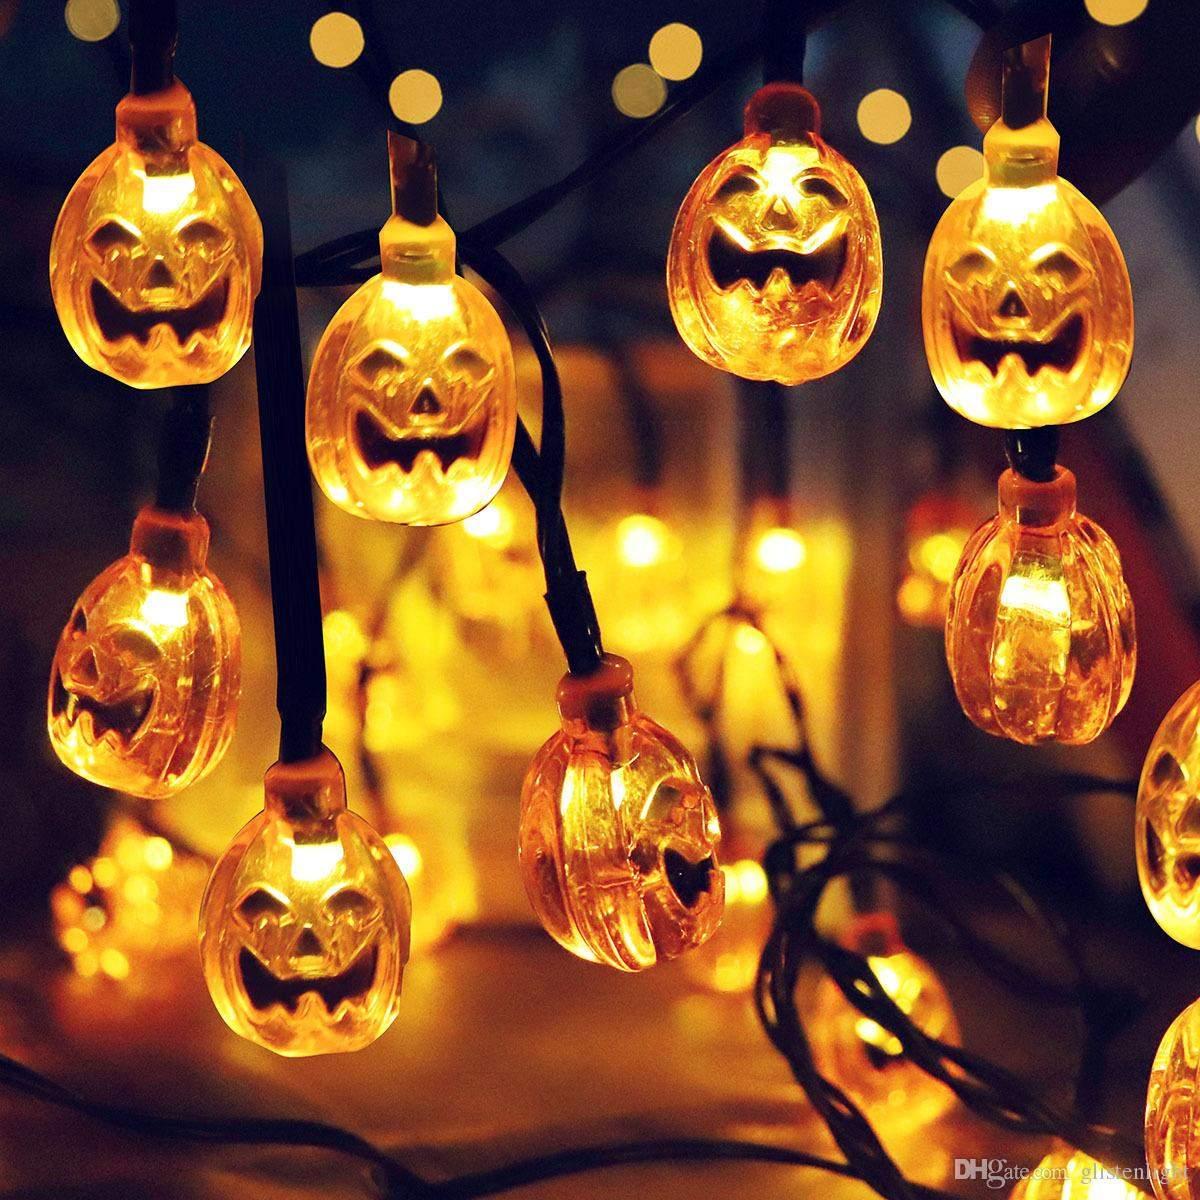 garten licht frisch groshandel 30 led sonnenenergie schnur lichter led fee licht fur partei kurbis grimasse halloween garten landschaft ausendekoration von glistenlight of garten licht